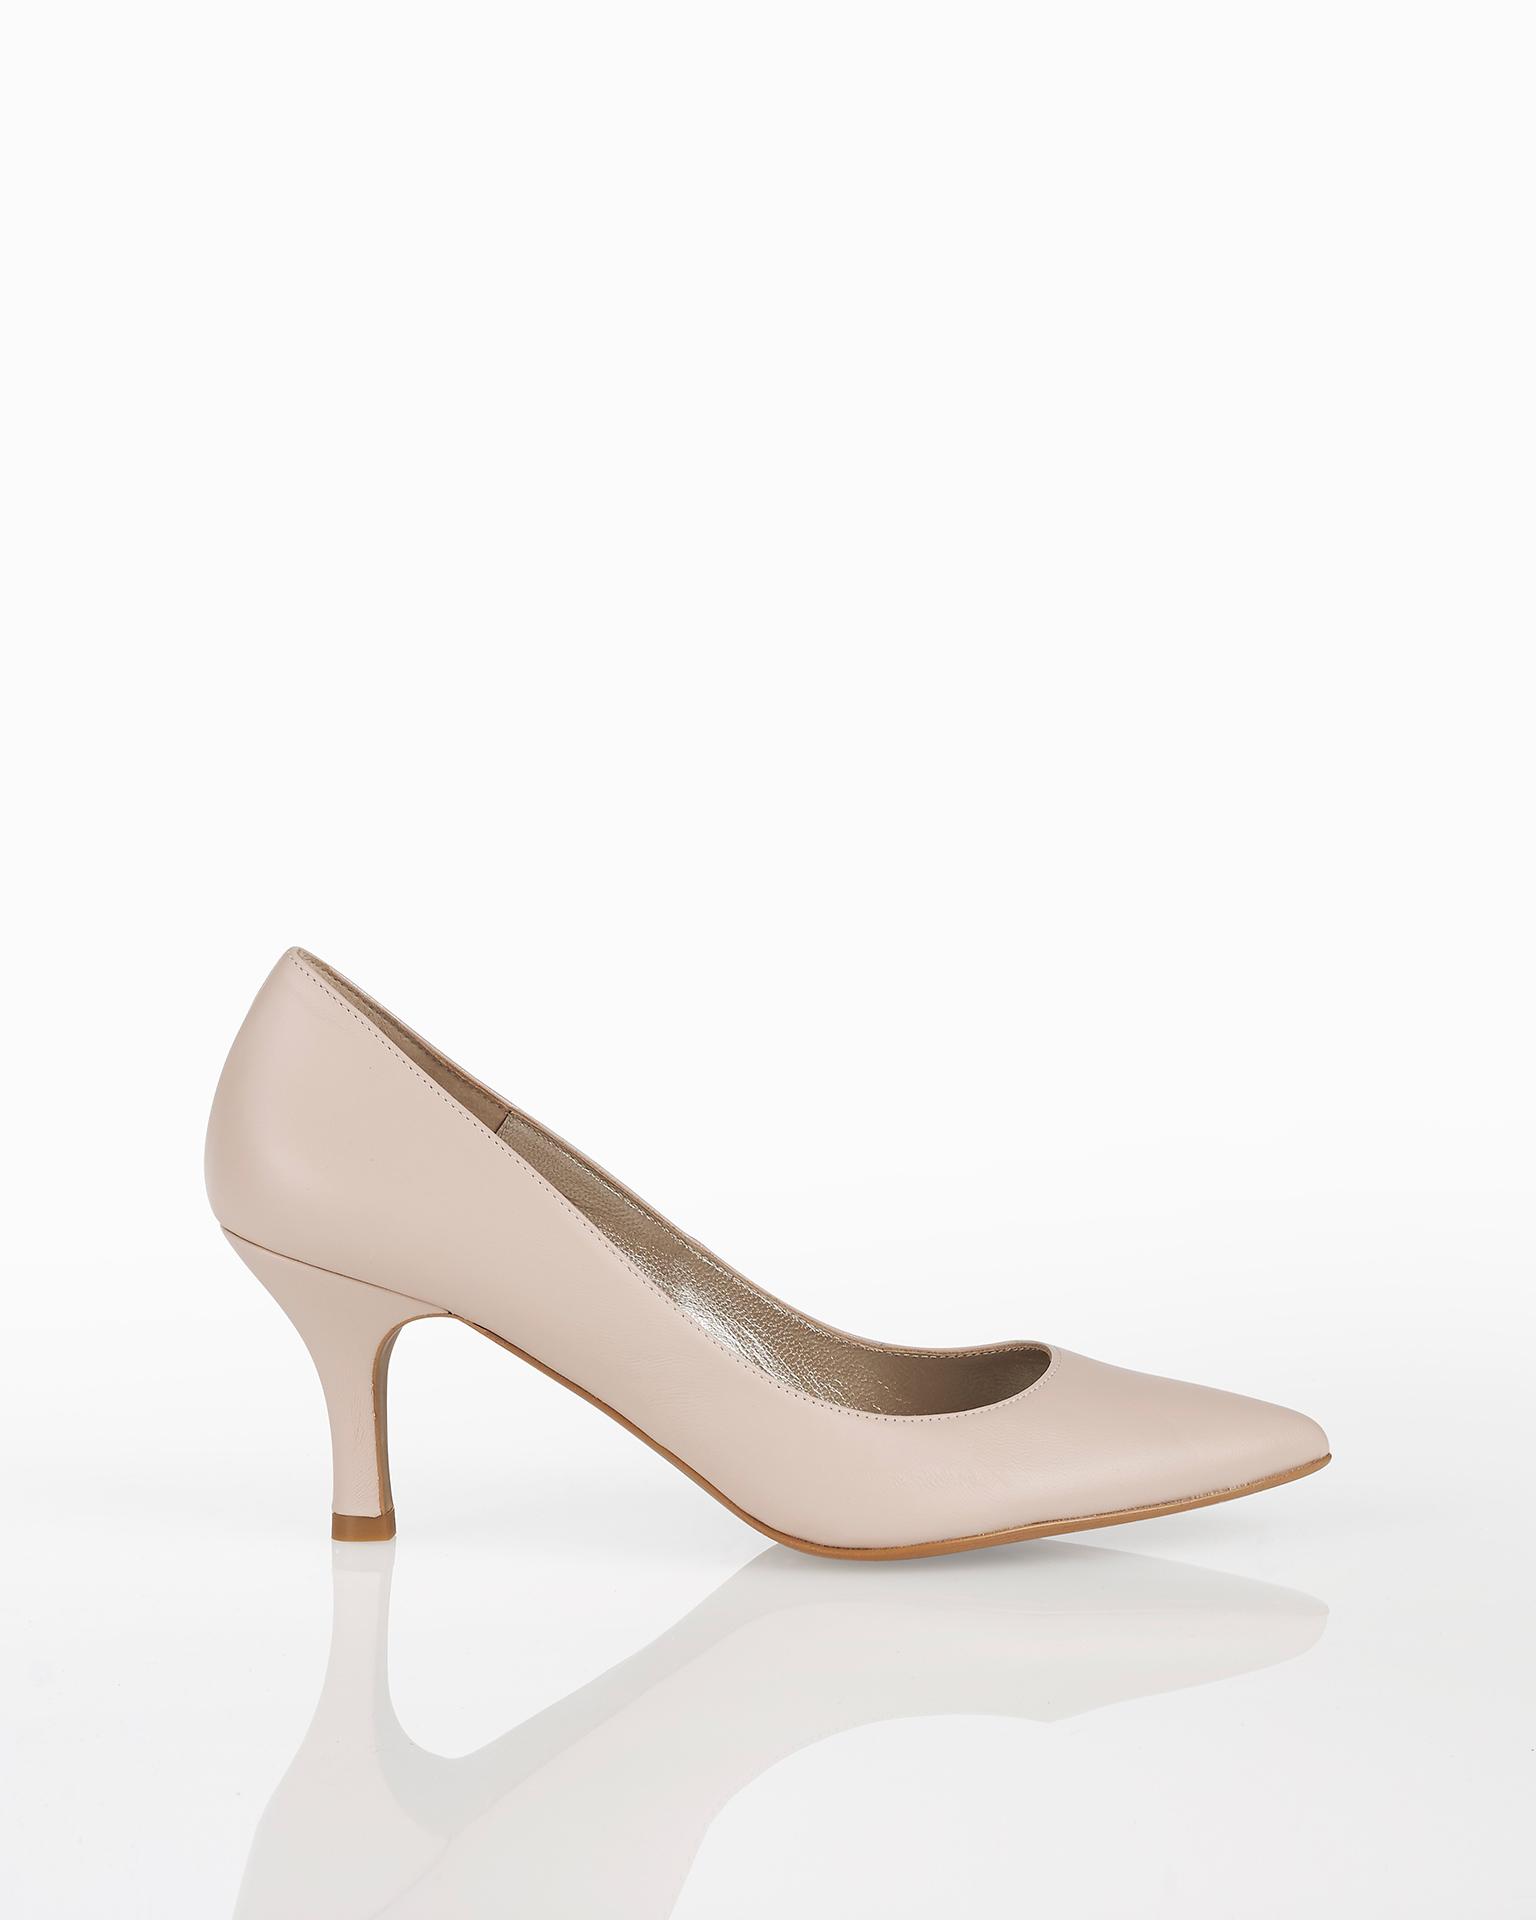 .2018 مجموعة فساتين AIRE BARCELONA حذاء رسمي للزفاف من الجلد، بكَعب منخفض، متوفر باللون الطبيعي، الشفّاف، الذهبي، والفضّي.